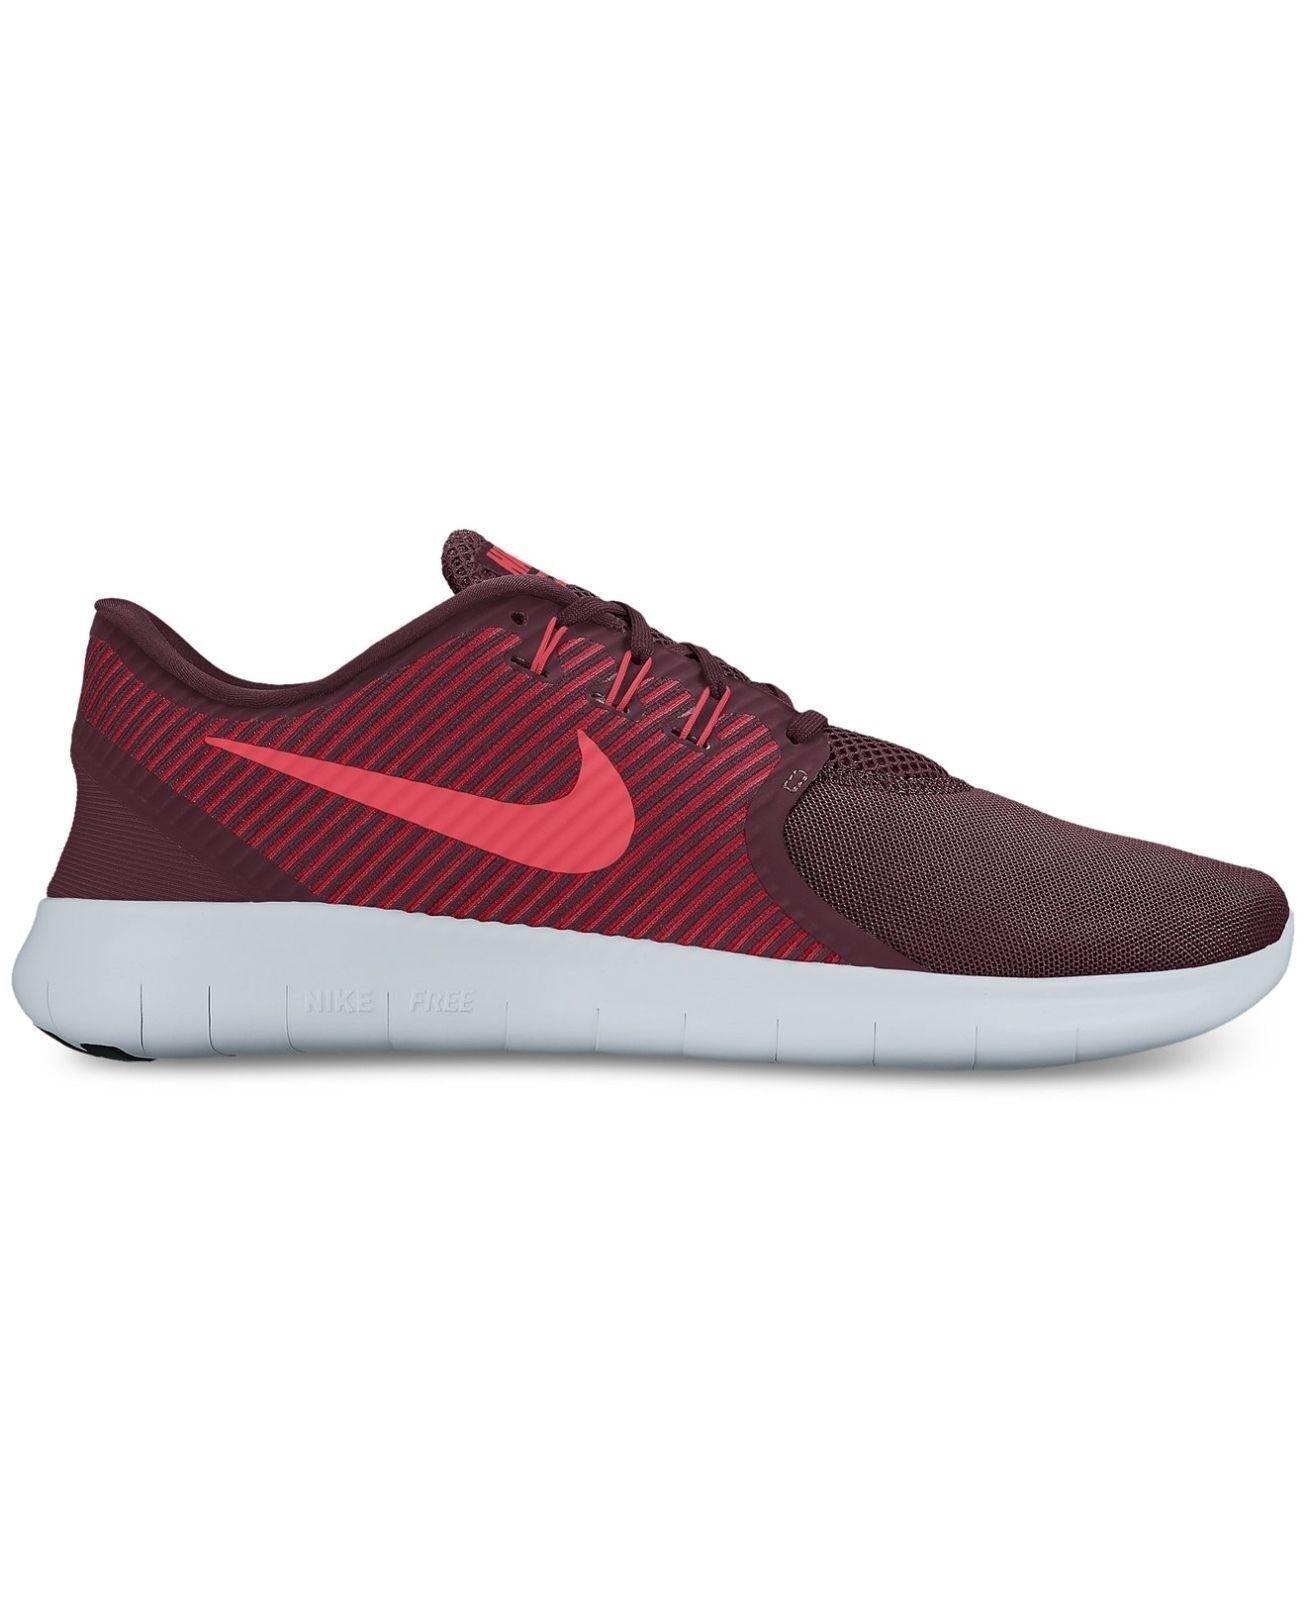 Nike Men's Sneakers Sneakers Sneakers Free RN Commuter shoes Night Maroon Ember Glow 831510600 86c6c9